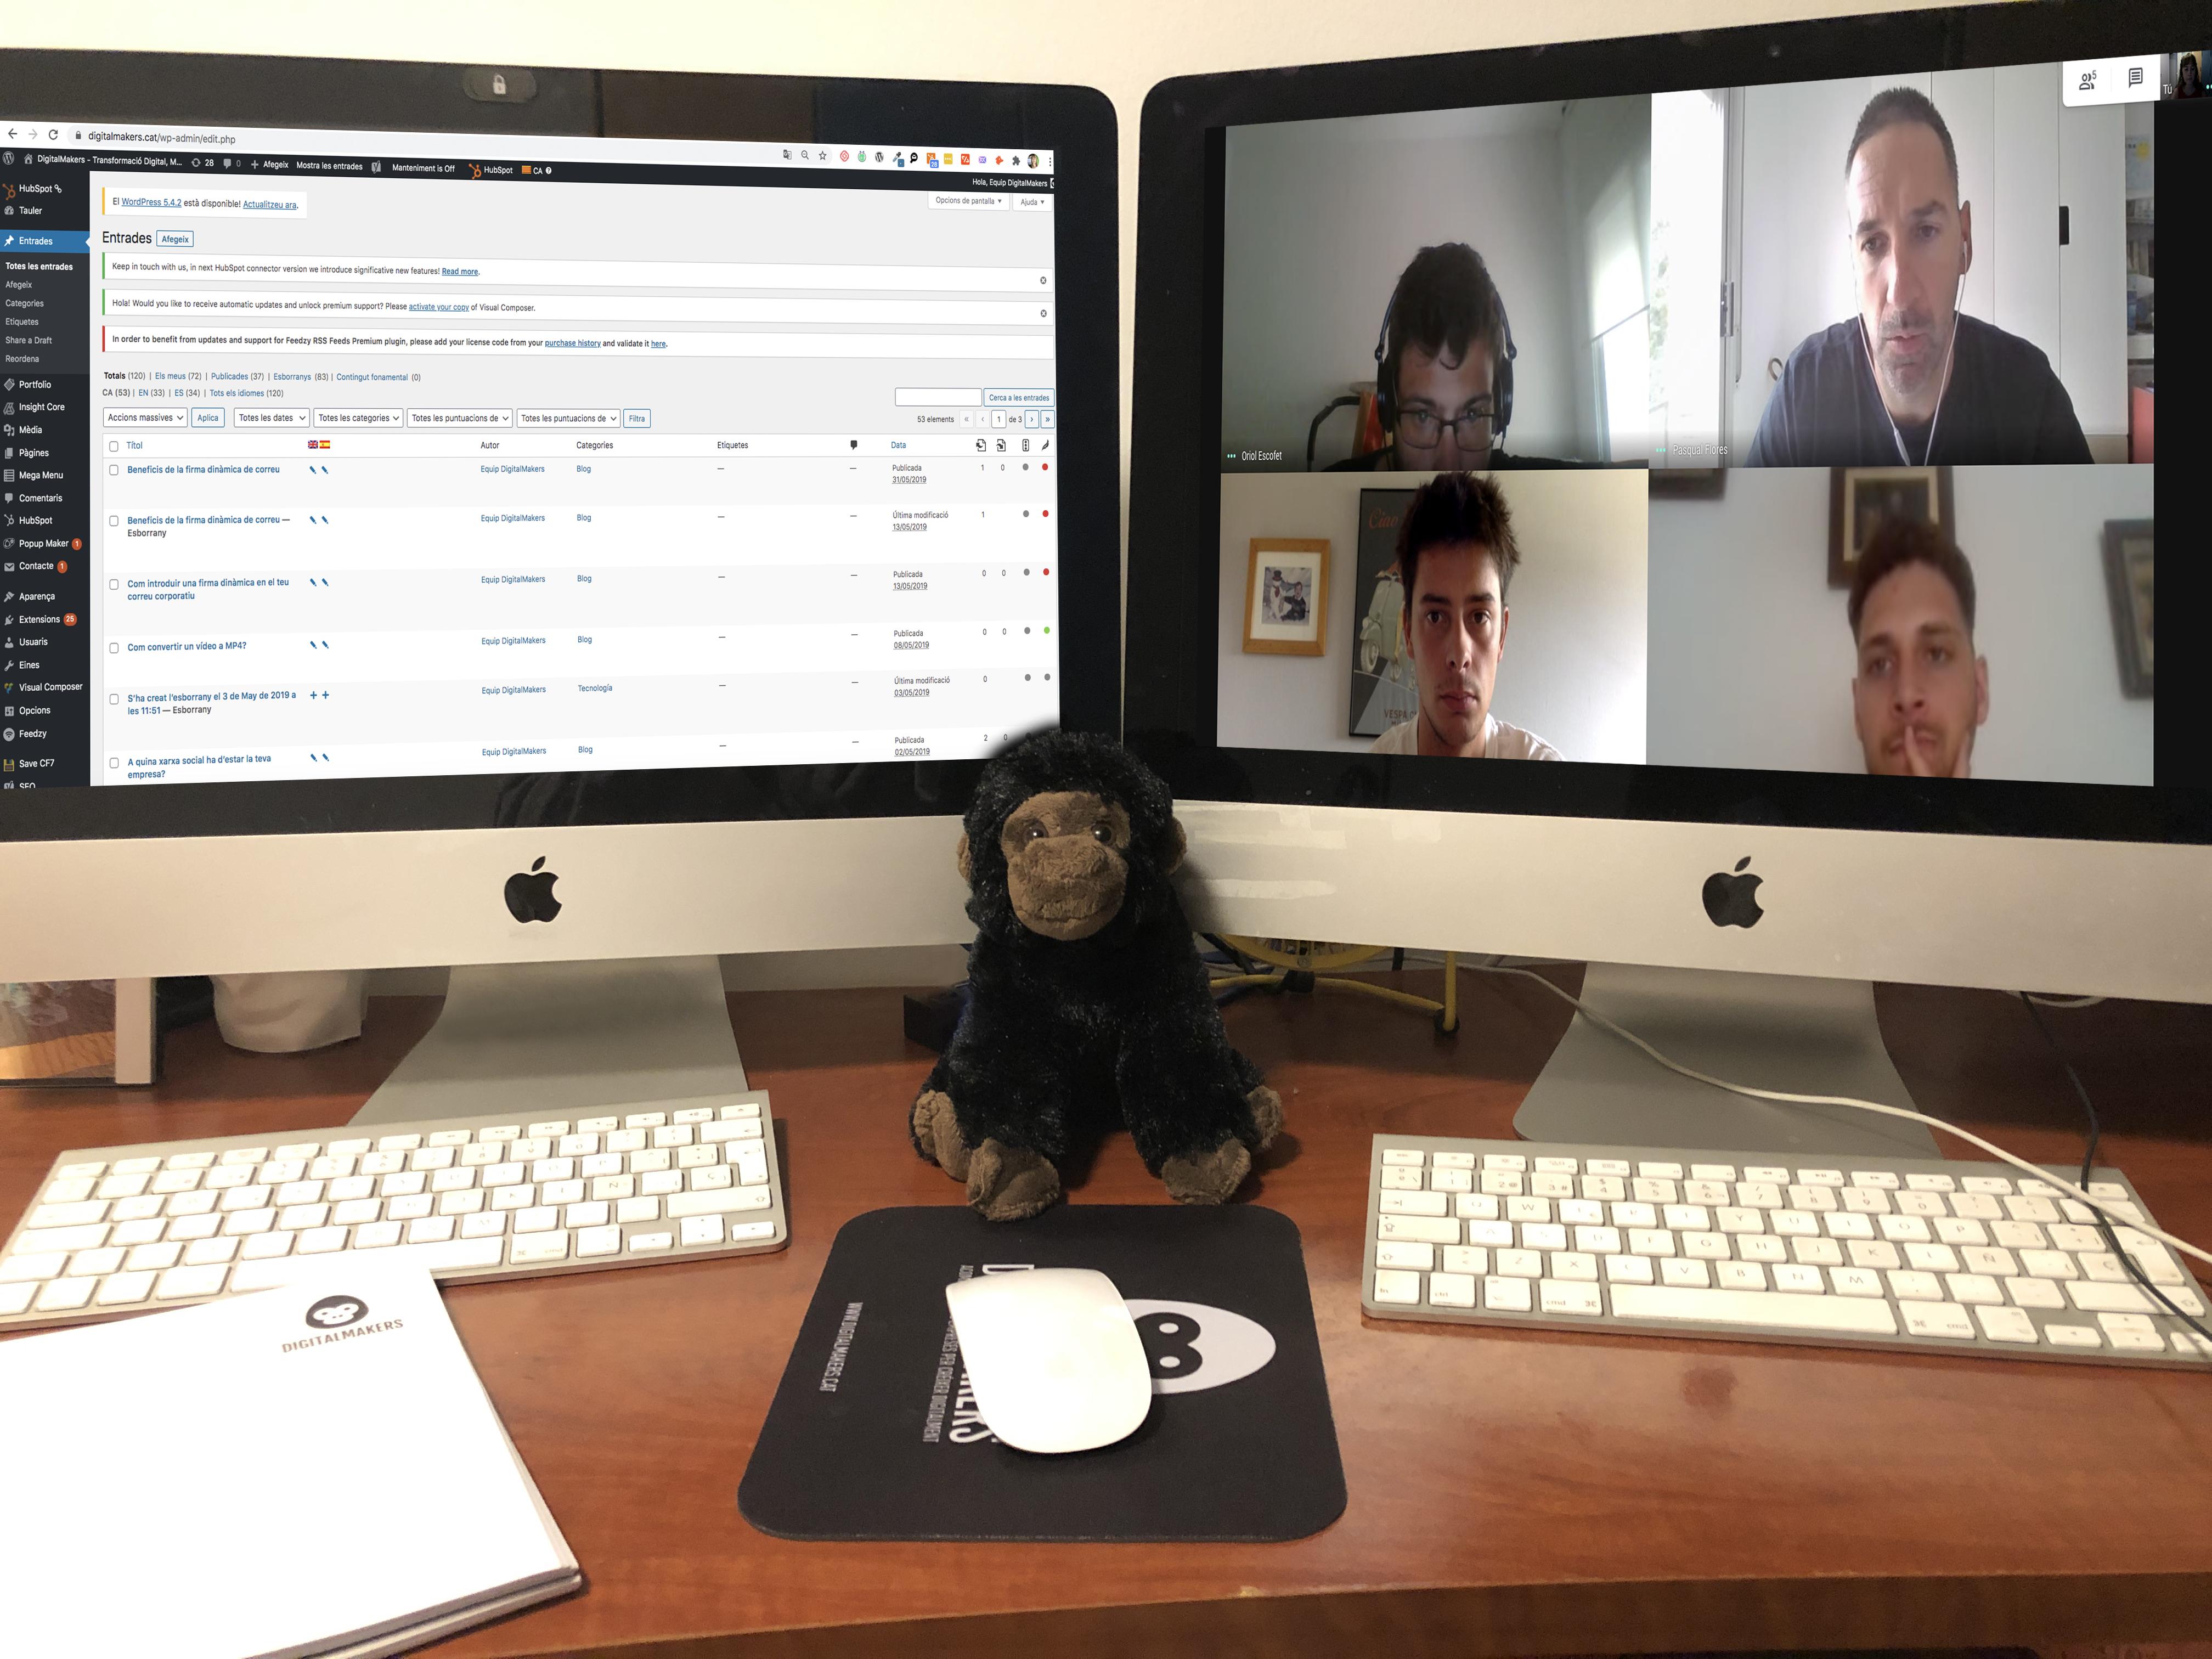 Com crear una plataforma de videocursos en línia